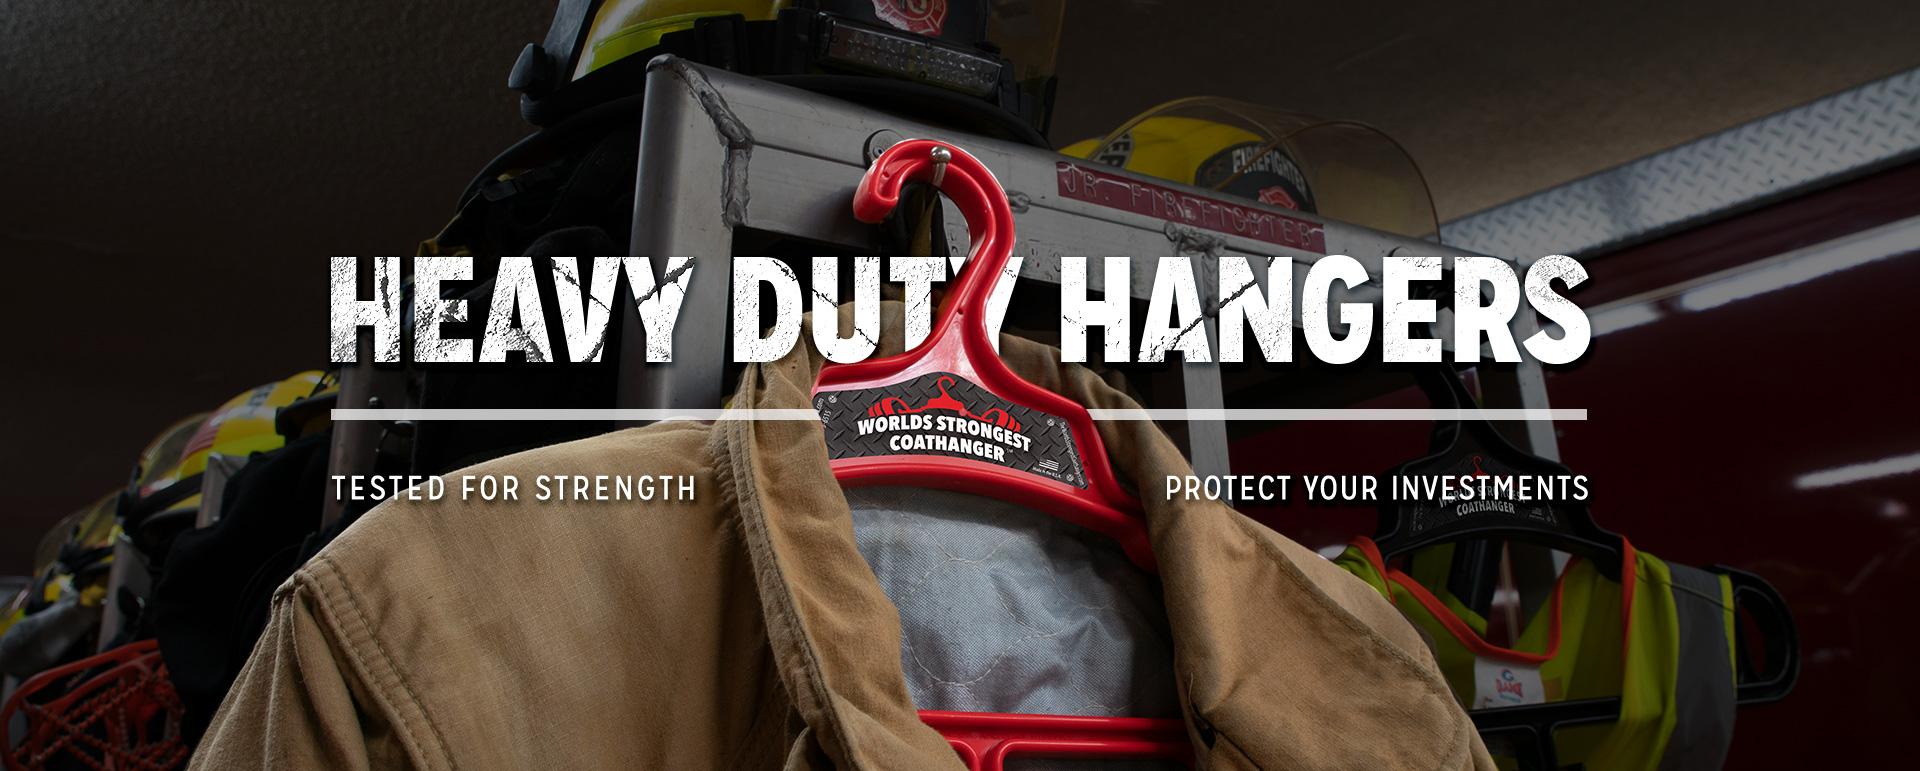 Firefighter Heavy Duty Hangers